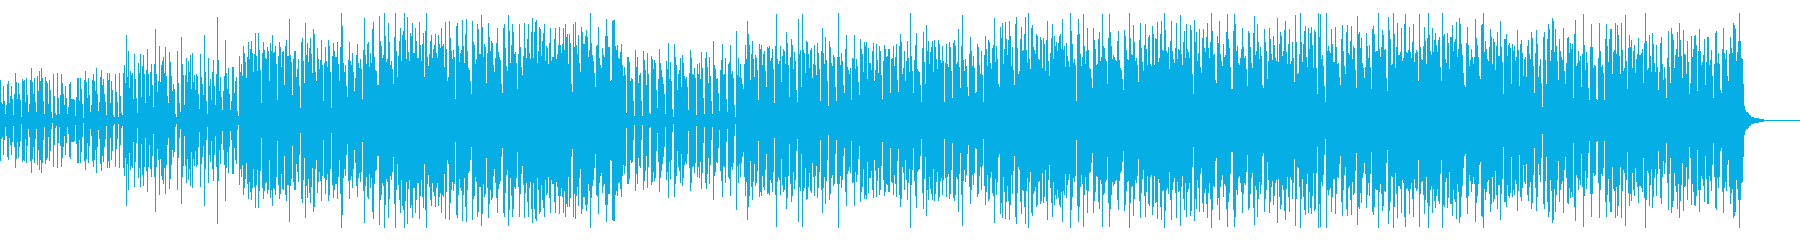 【ドラム抜き】陽気でアコースティックなコの再生済みの波形